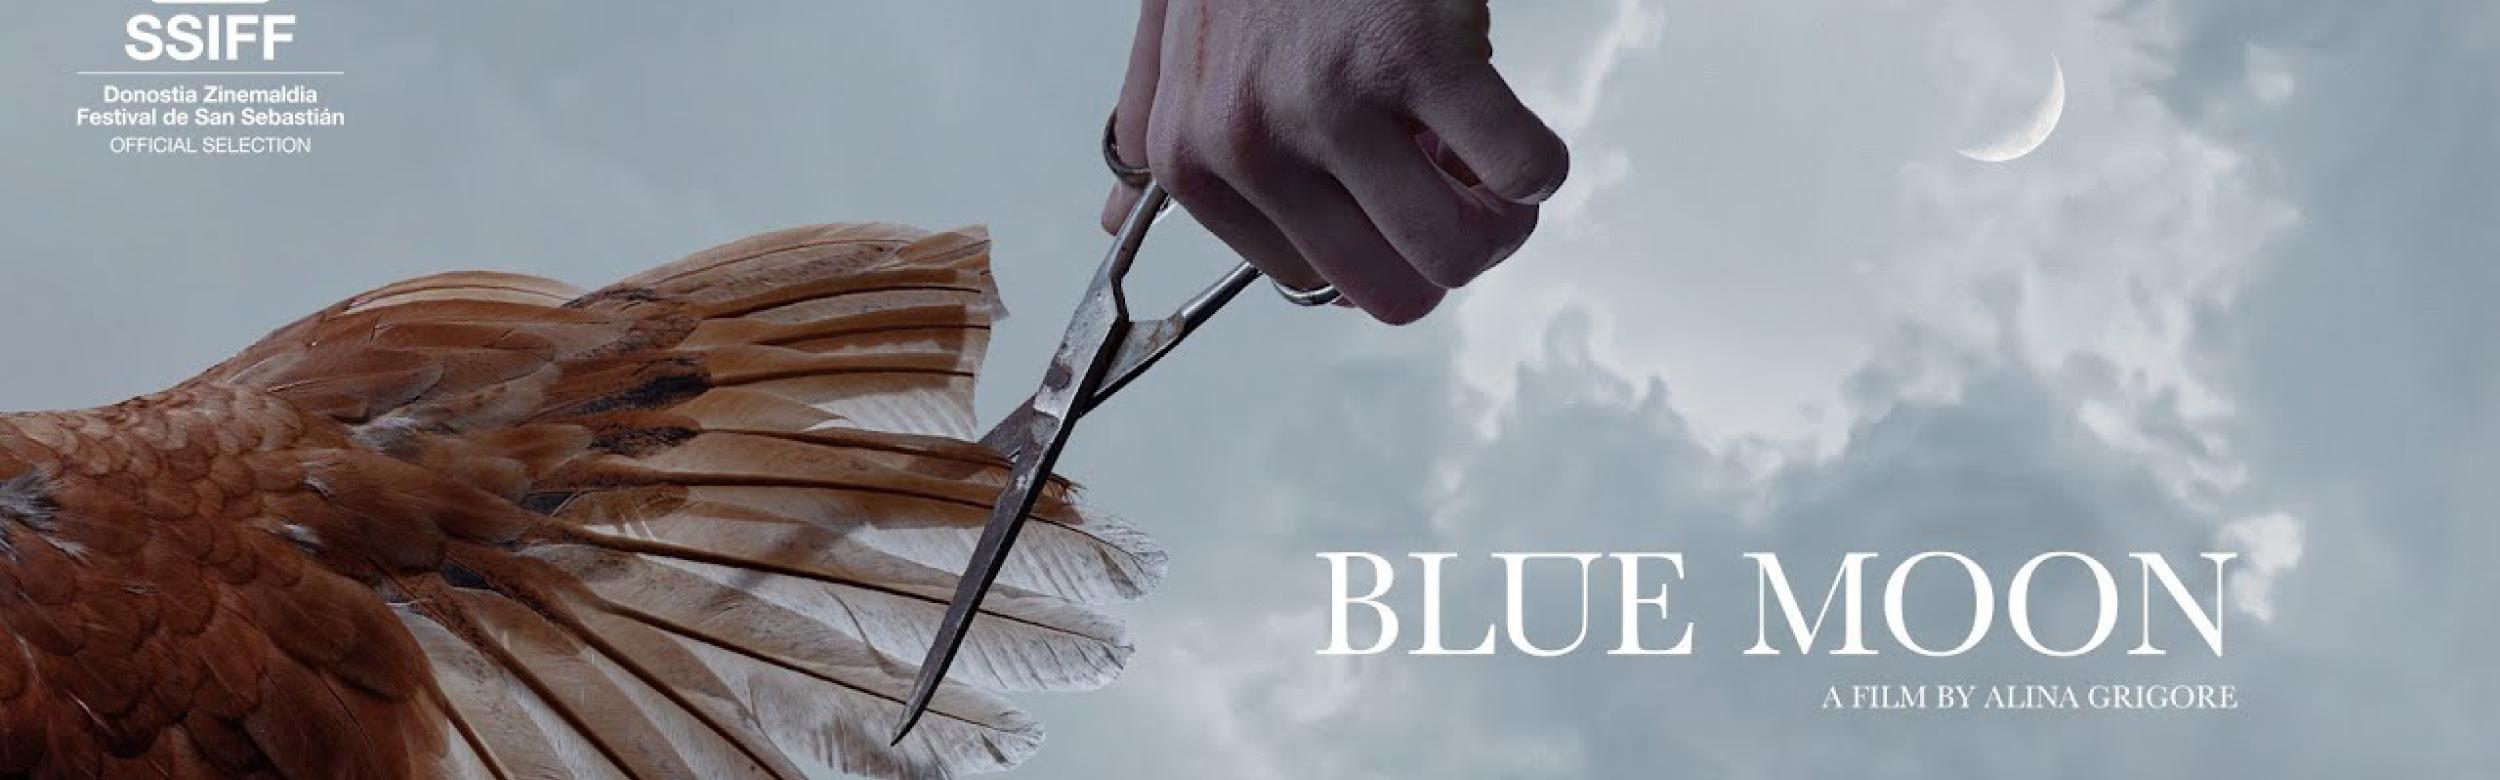 Vignette BLUE MOON